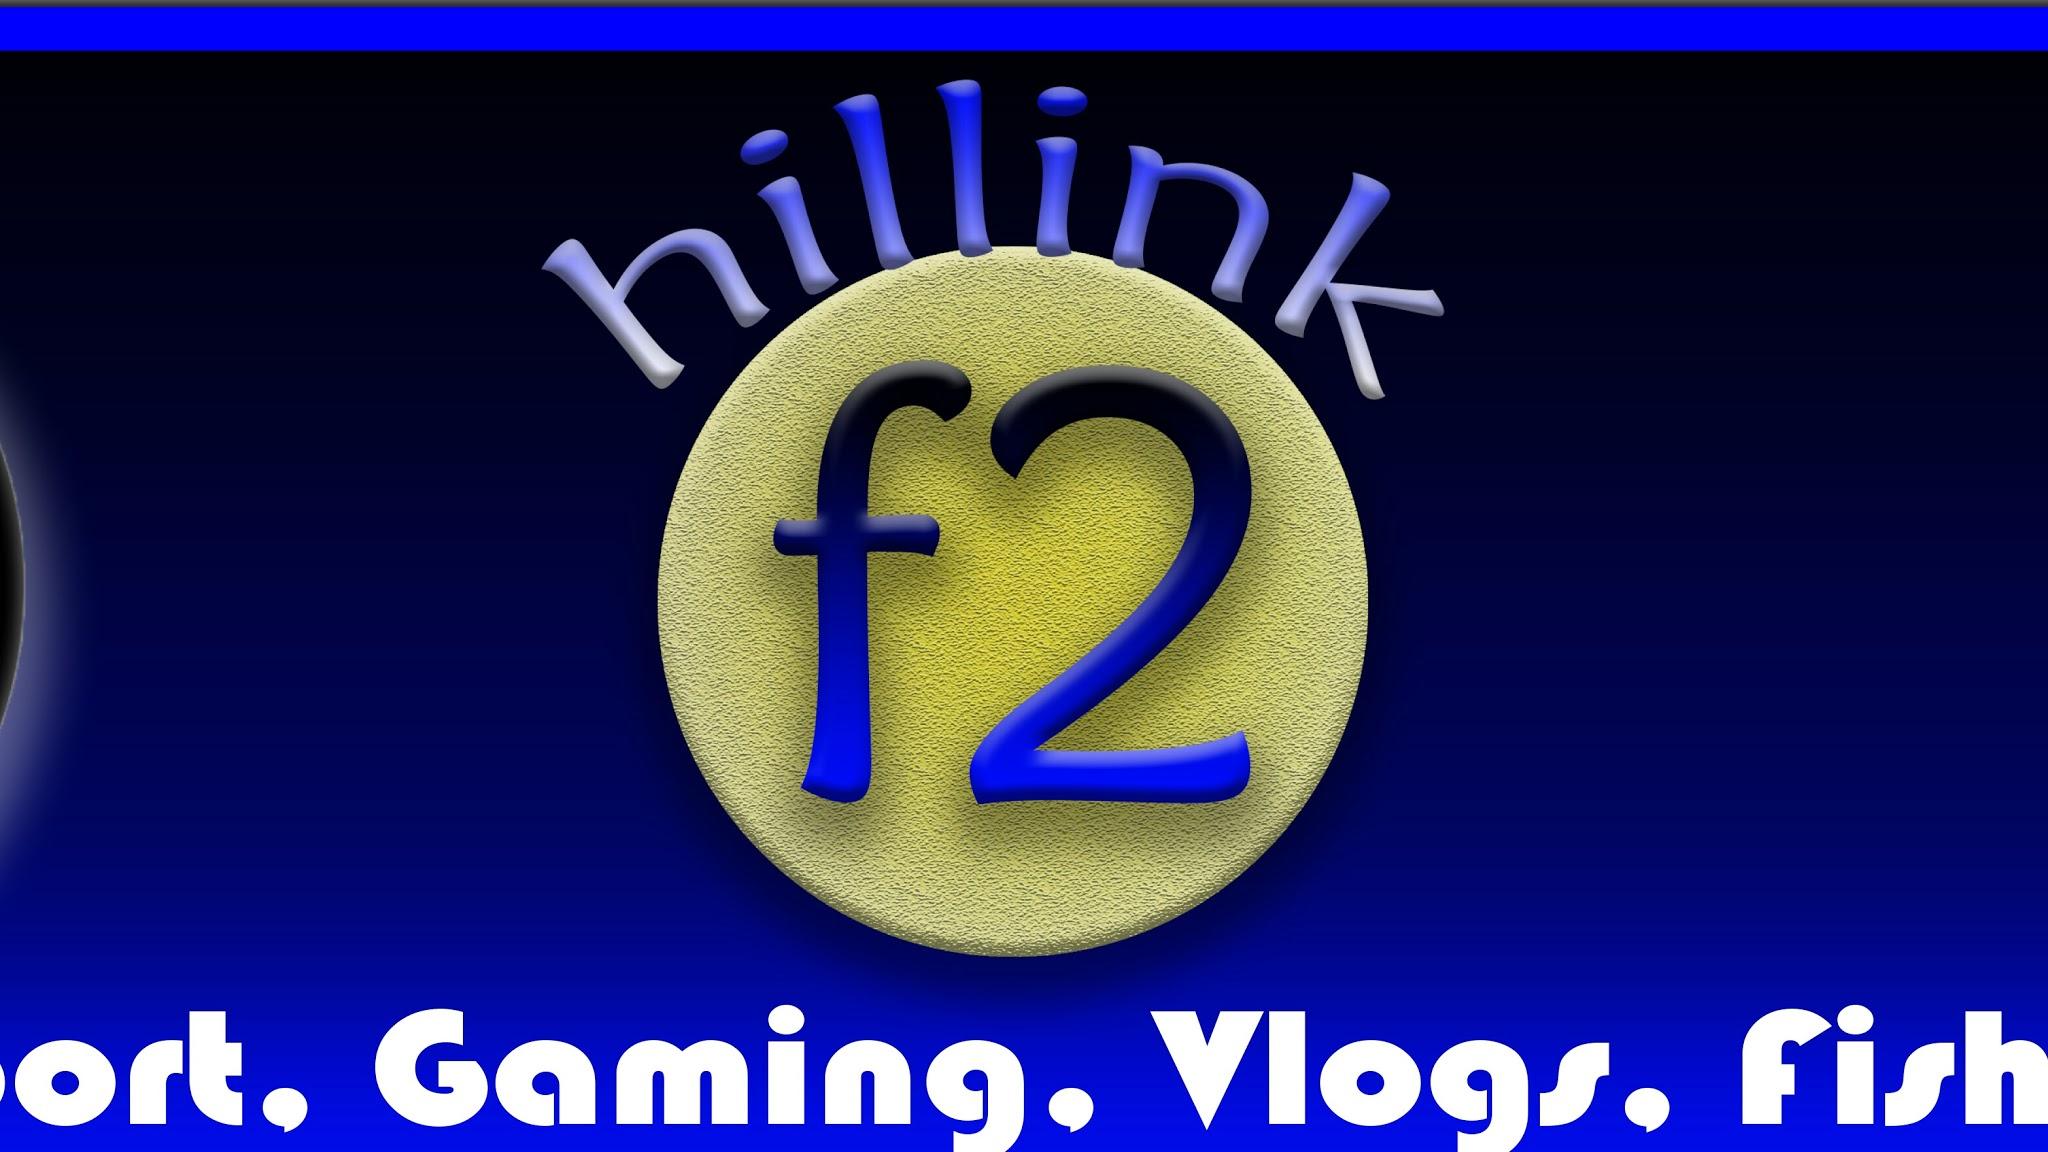 F2 hillink